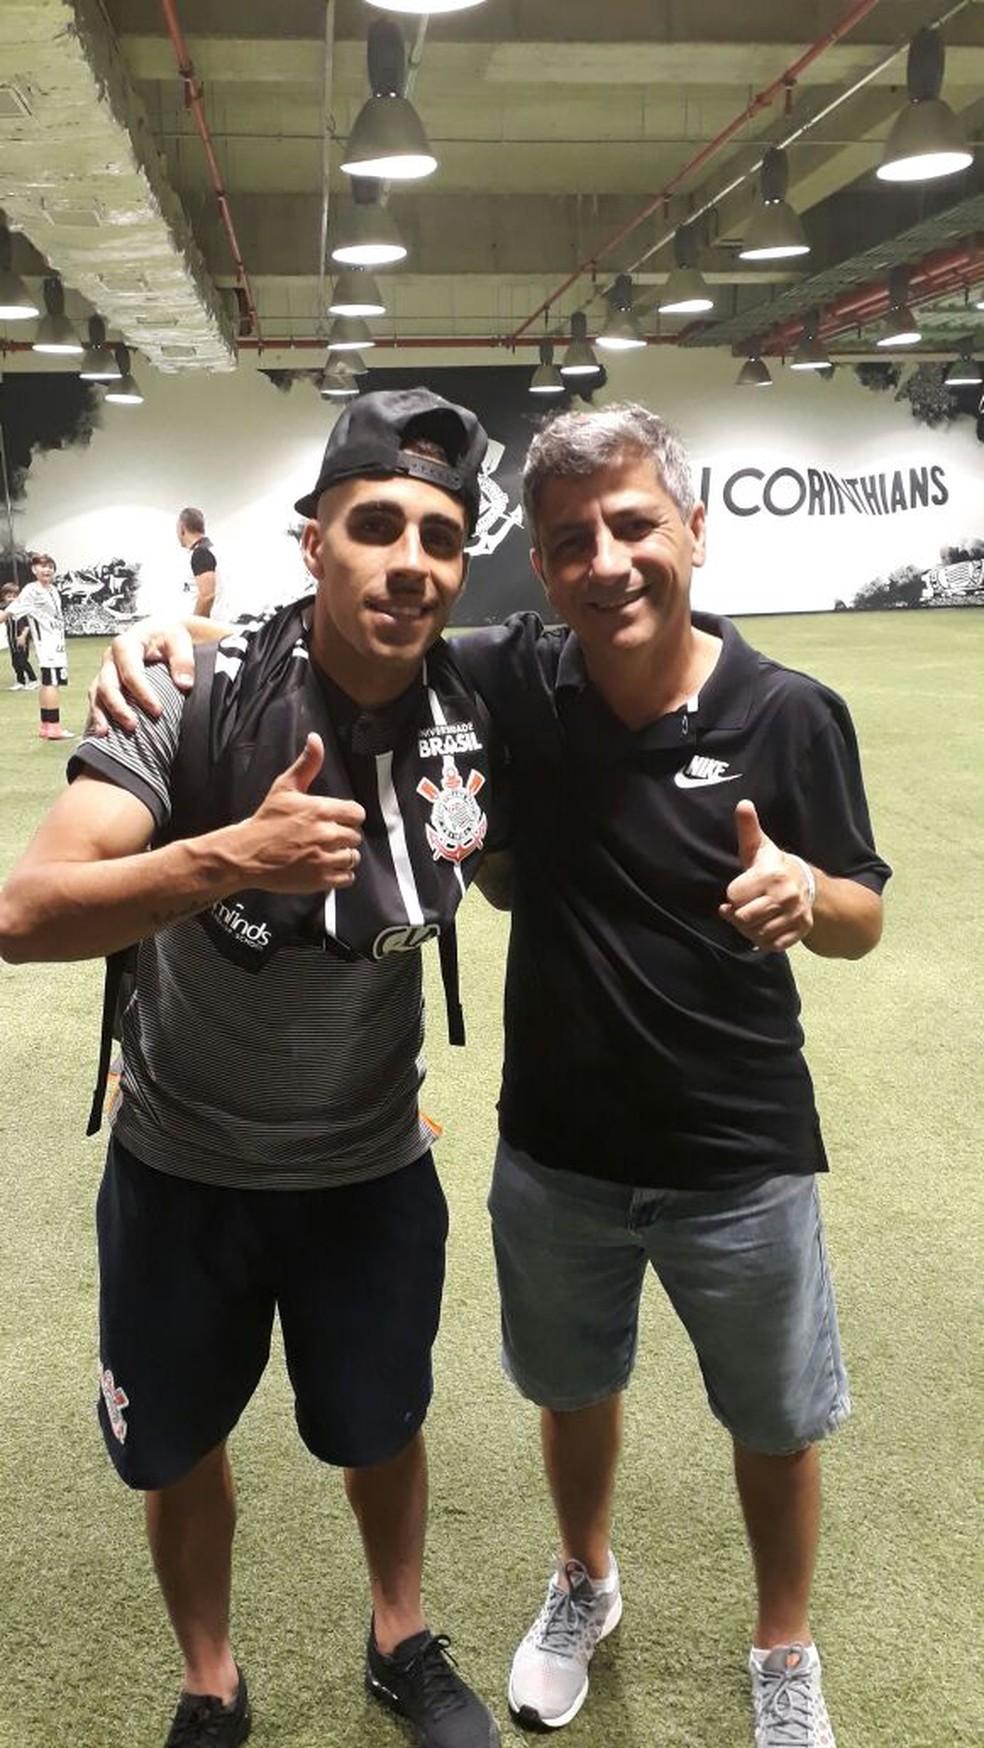 Gabriel e o pai celebram título no vestiário da Arena Corinthians (Foto: Arquivo Pessoal)